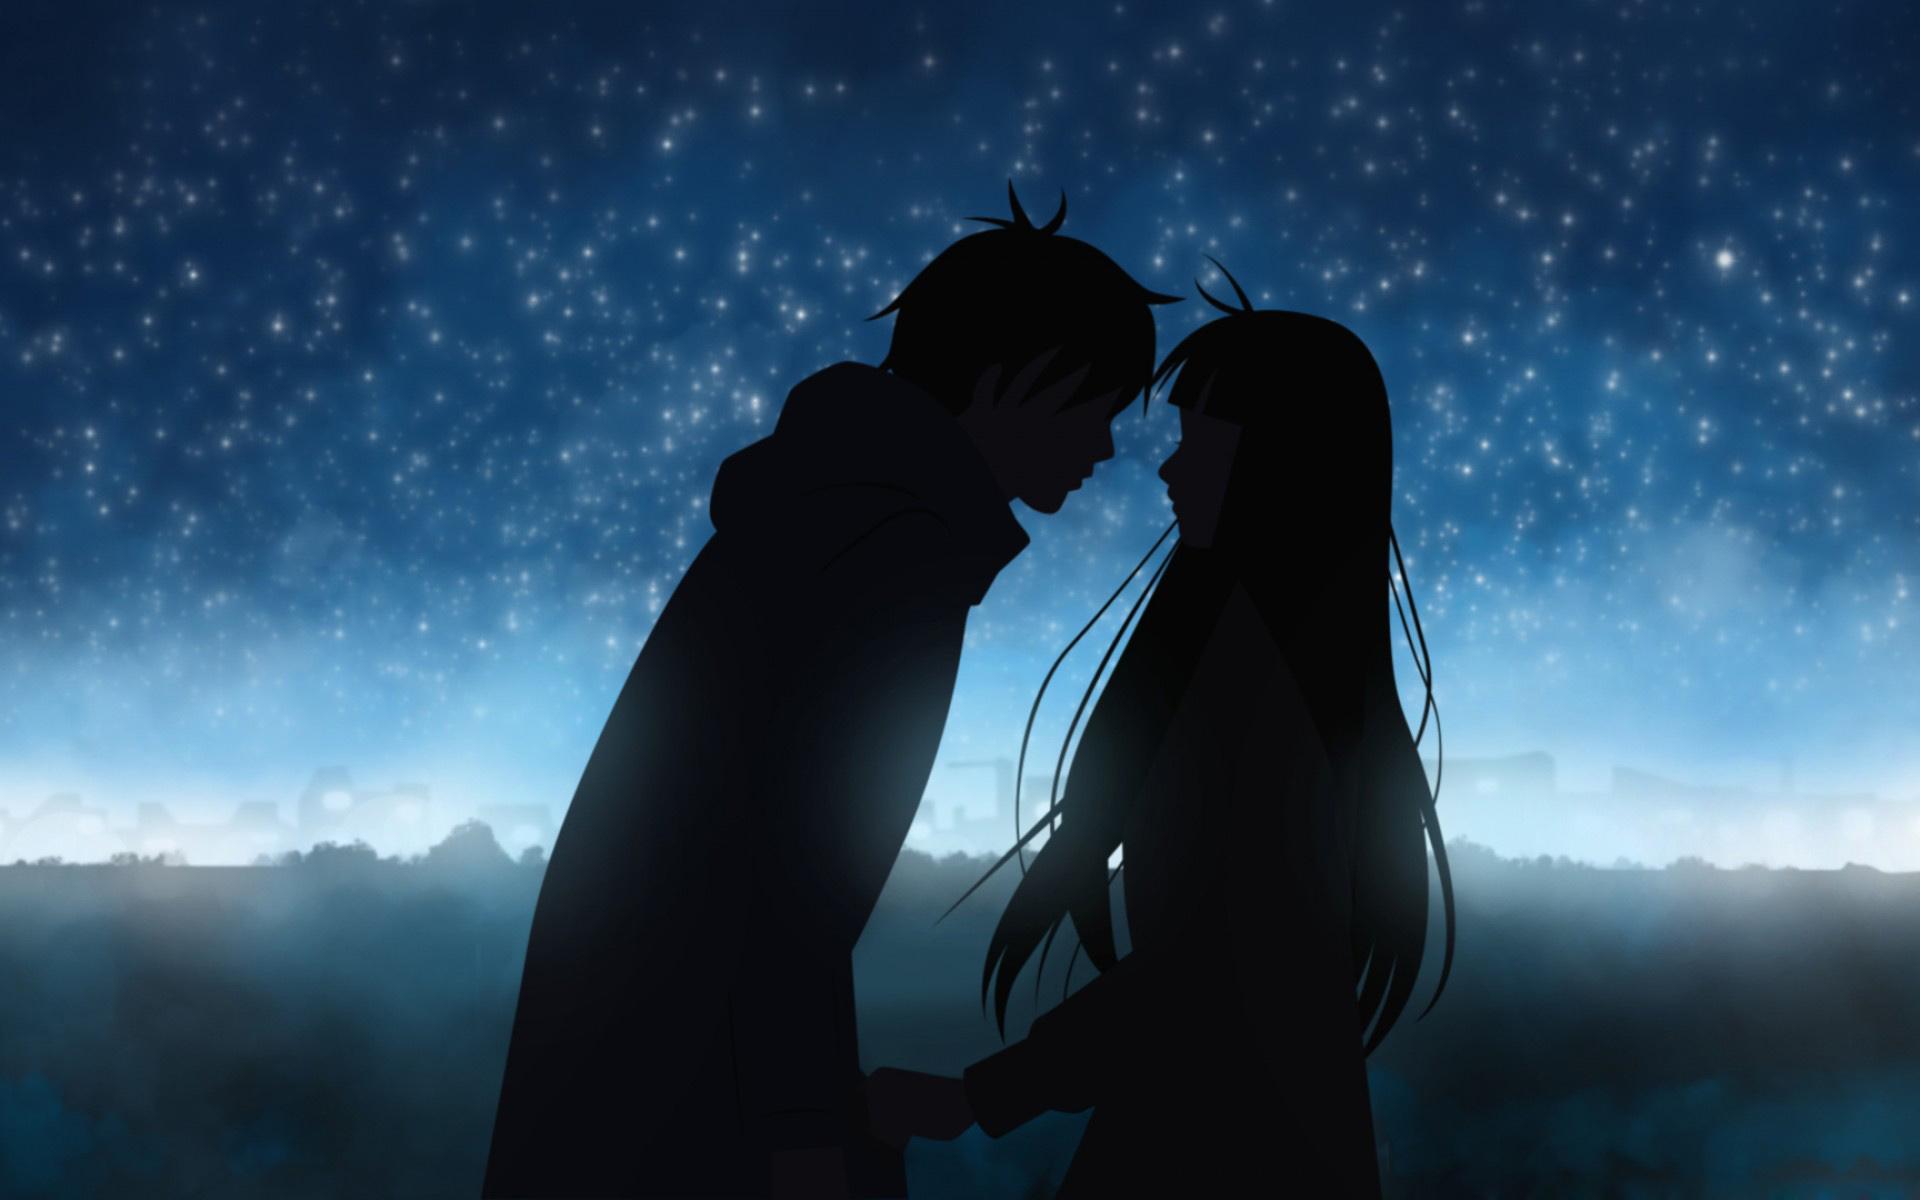 几米(廖福彬)名言被最美好声音收藏到爱情语录